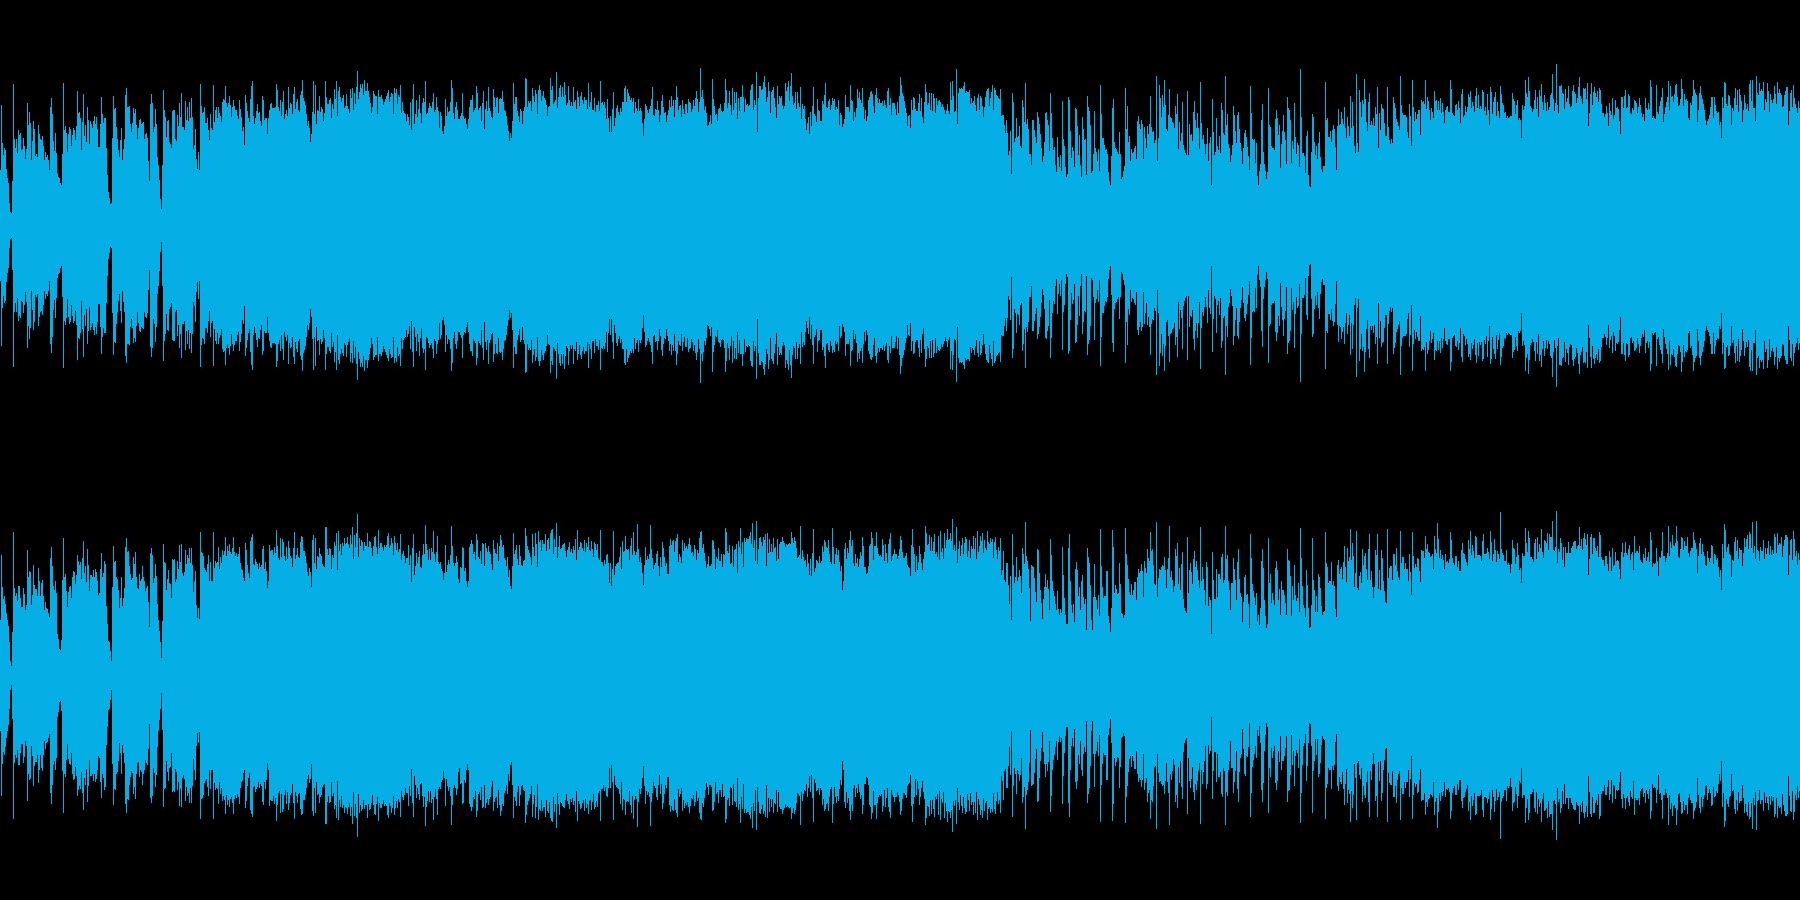 【爽やかなプログレロック、シンセリード】の再生済みの波形